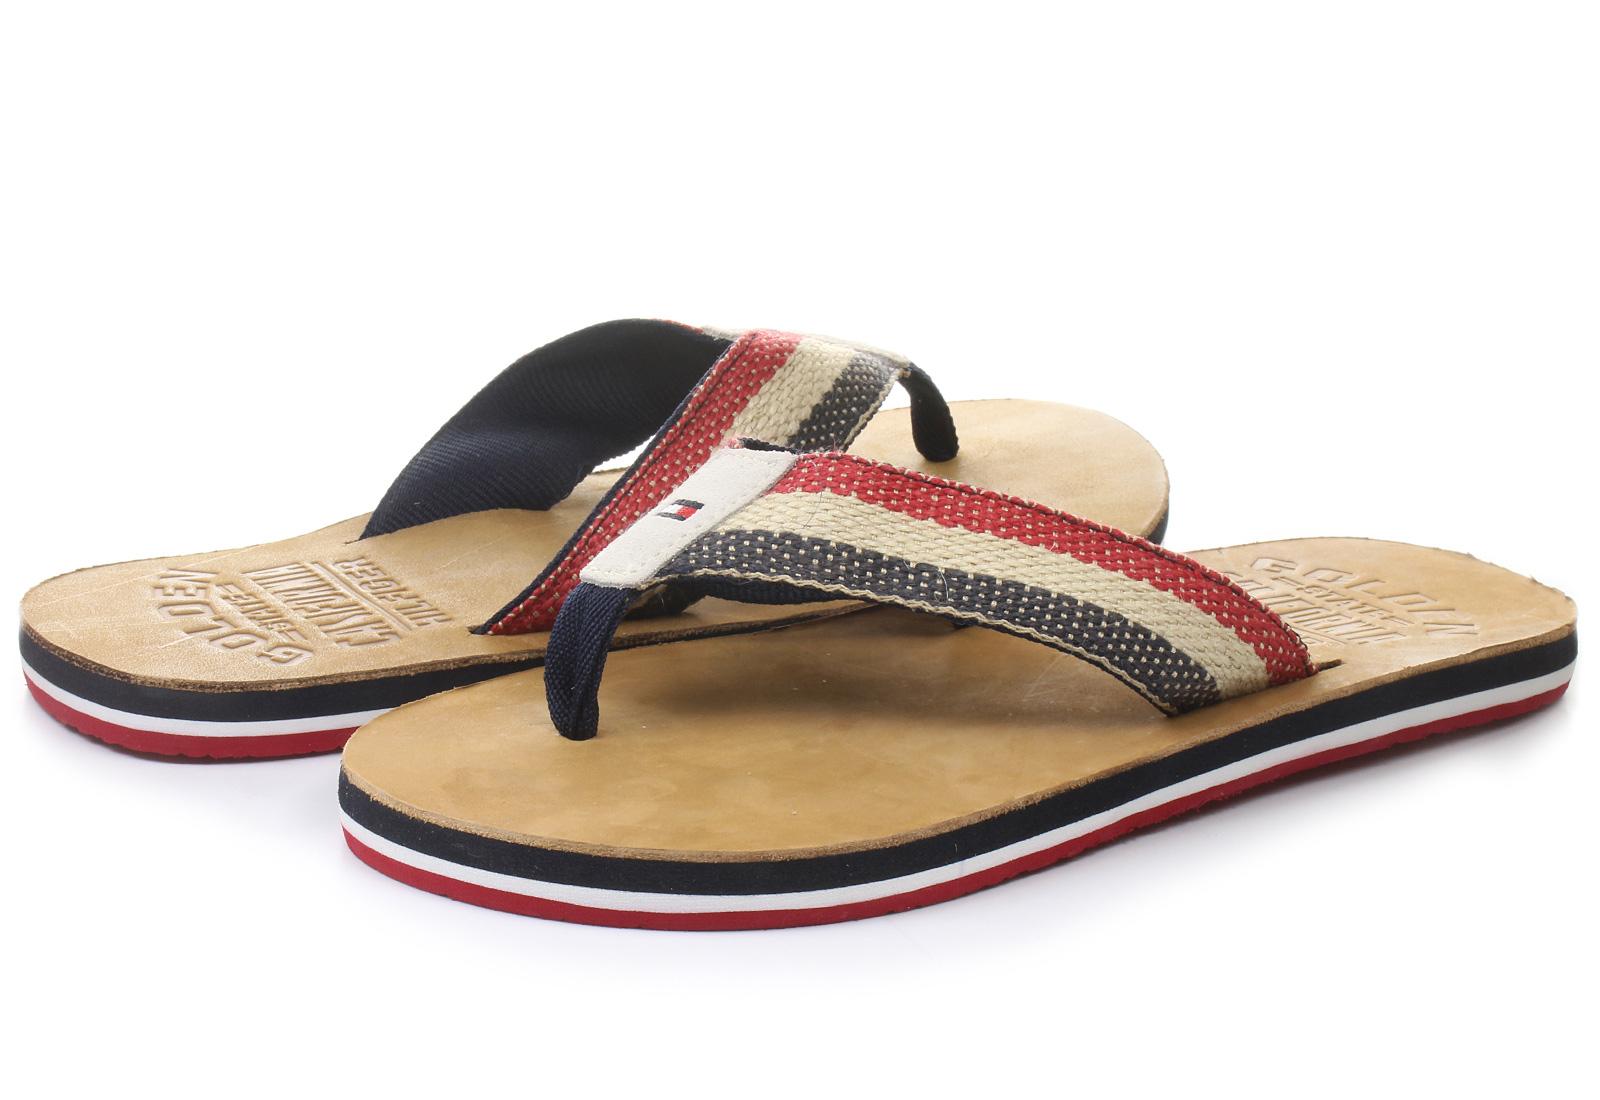 tommy hilfiger slippers bay 14d 14s 6911 403 office. Black Bedroom Furniture Sets. Home Design Ideas